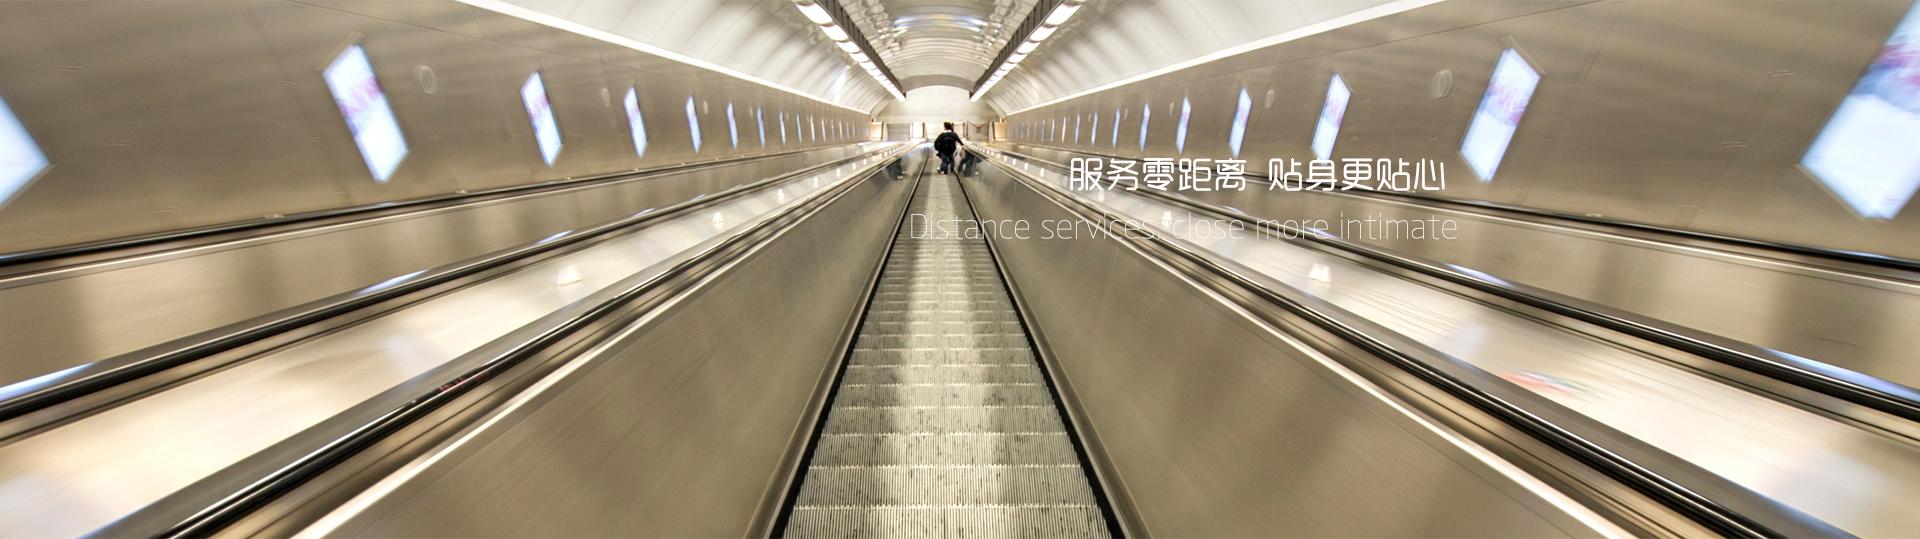 江西乘客亚博体育网页版登录